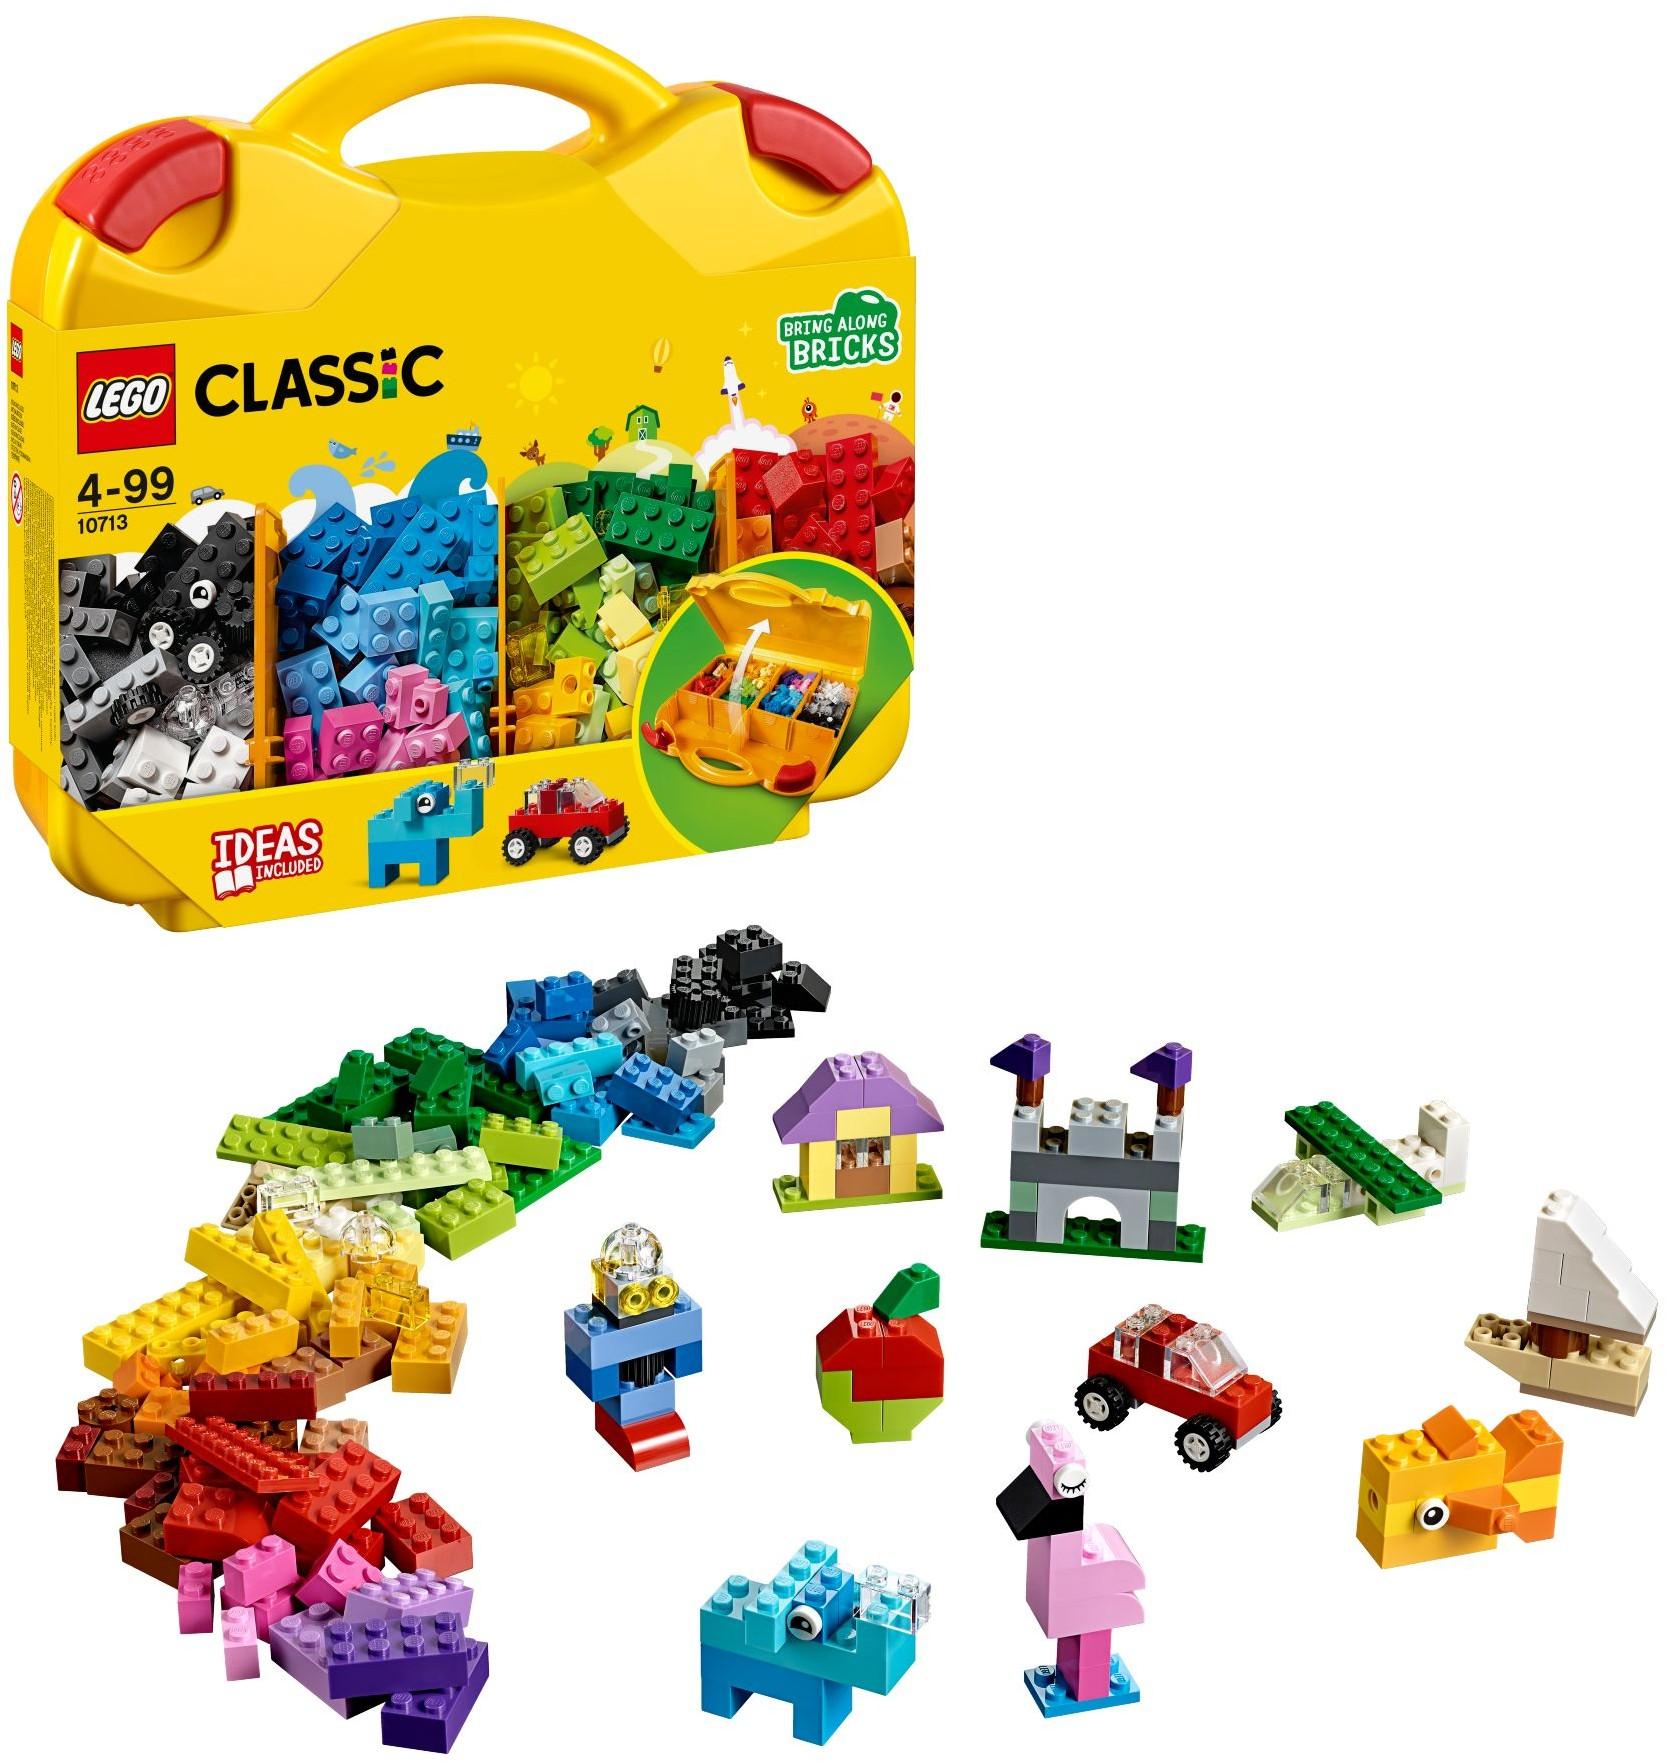 Lego Halloween Sets 2019.2018 Brickset Lego Set Guide And Database